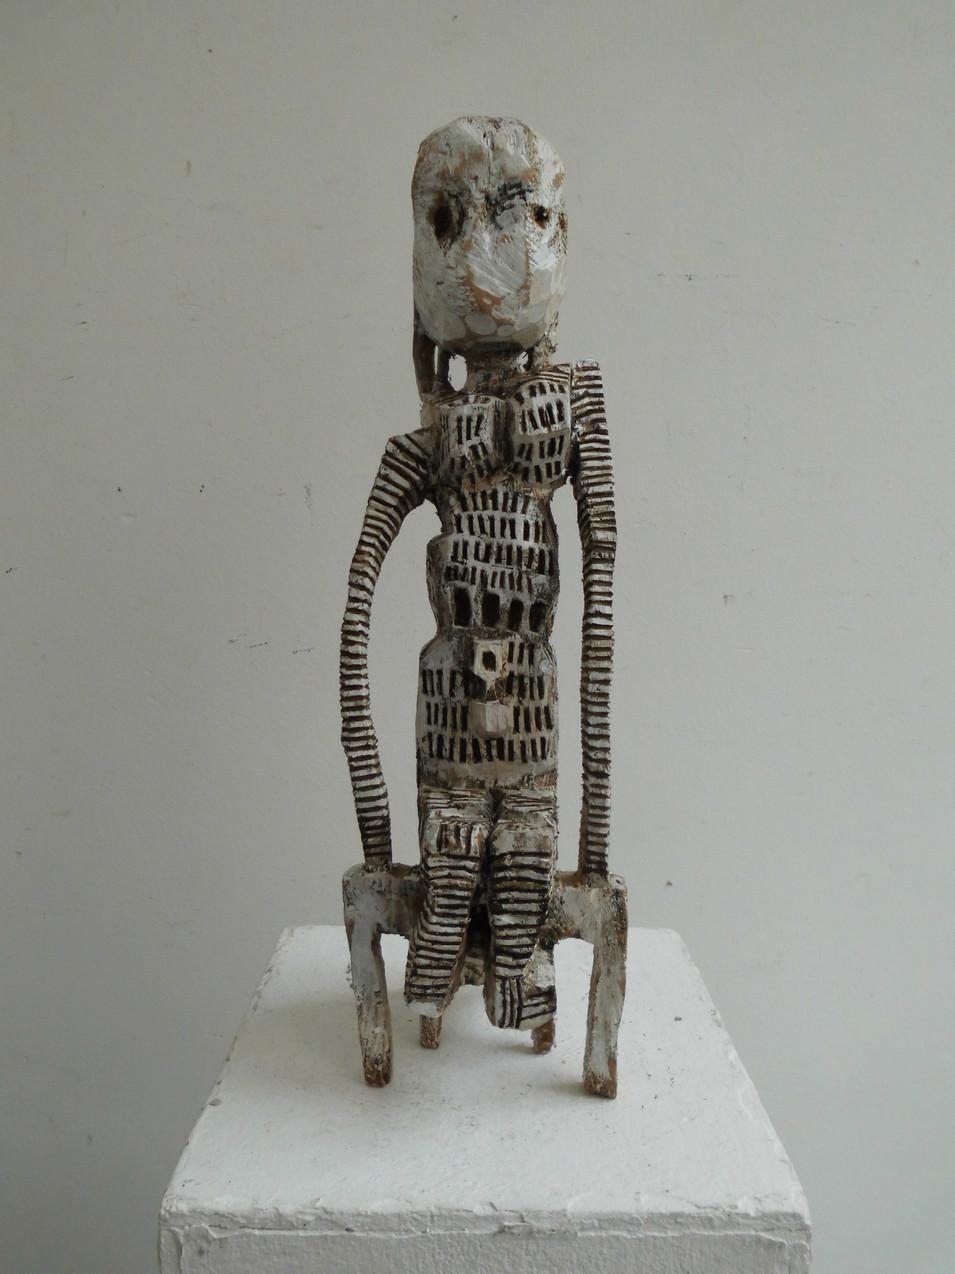 Klaus Hack | Sitzende Figur | 2009 | Holz | weiß gefasst | 42,5 x 12,5 x 13,5 cm | 2400 Euro